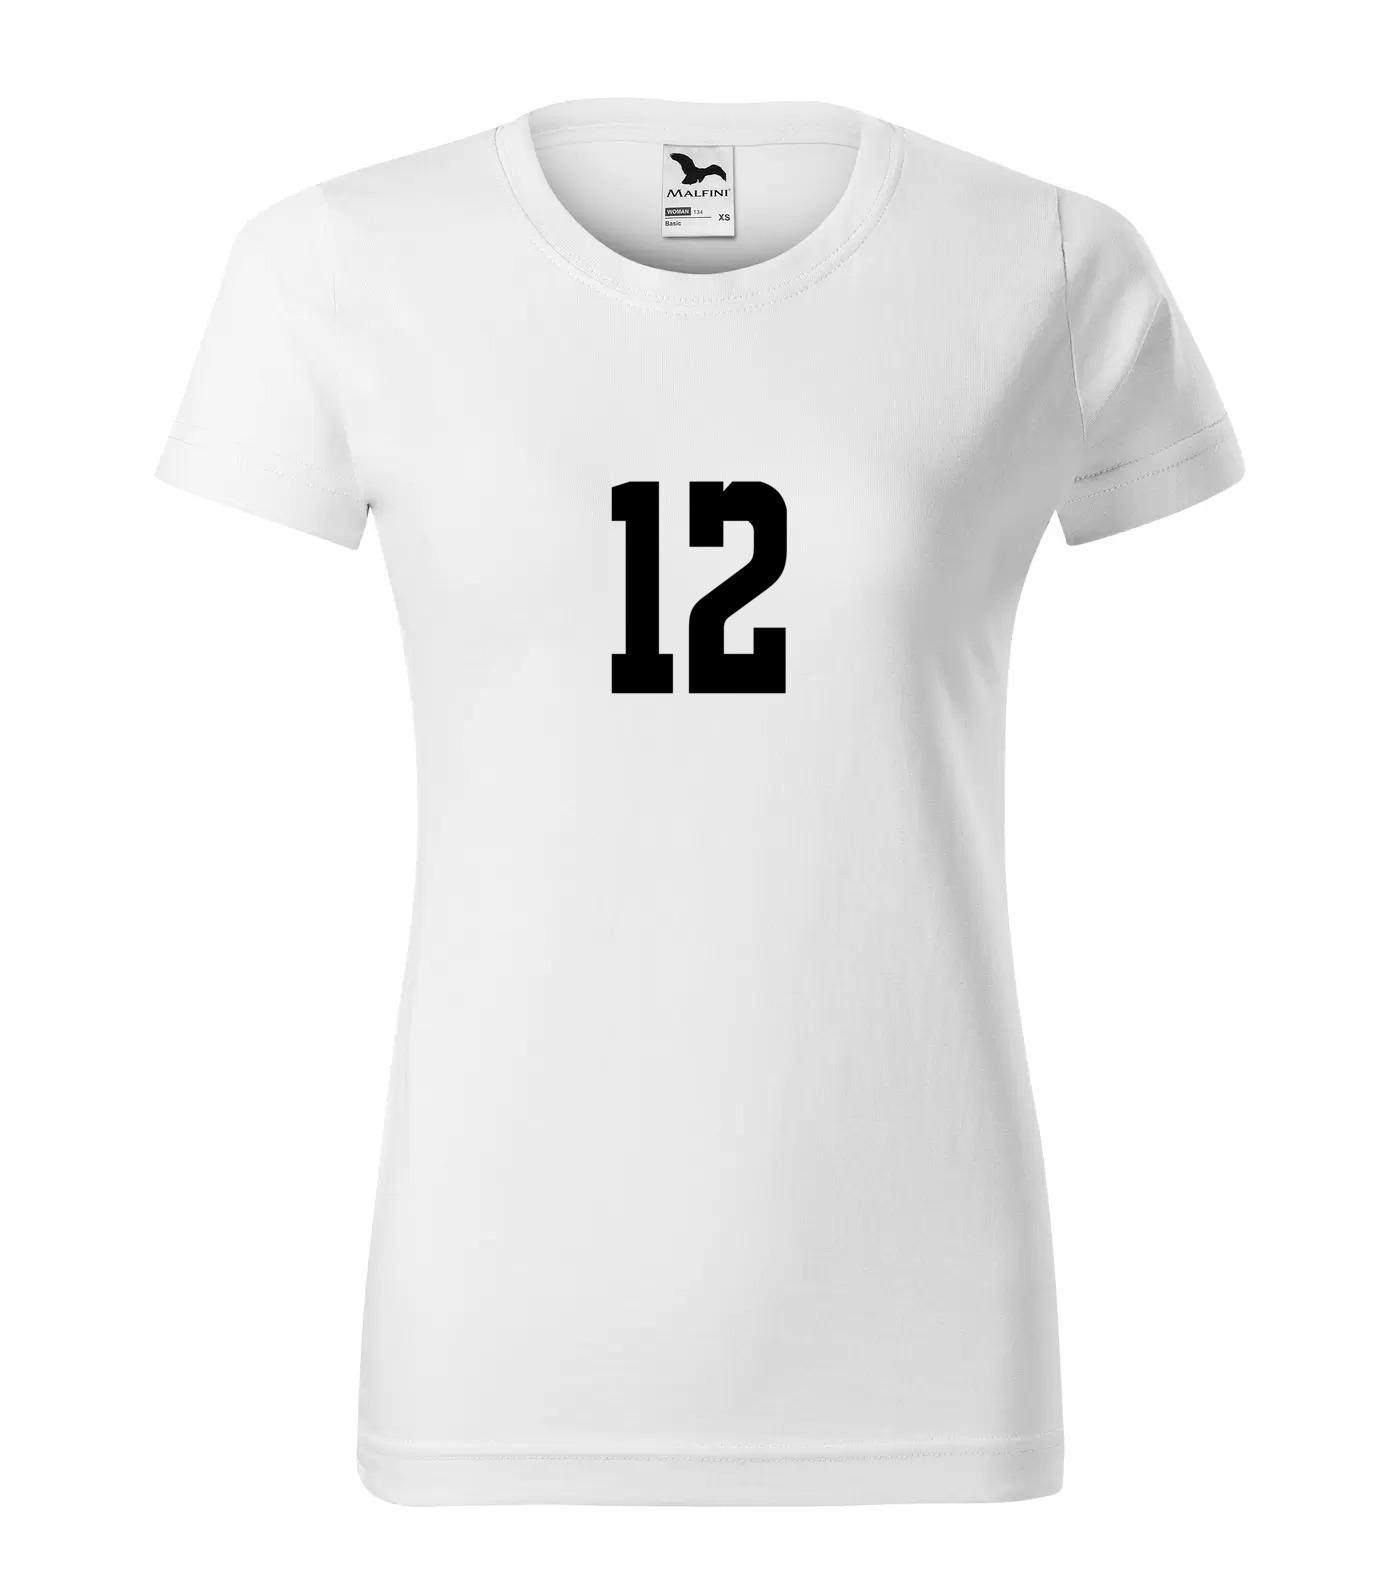 Tričko s číslem 12